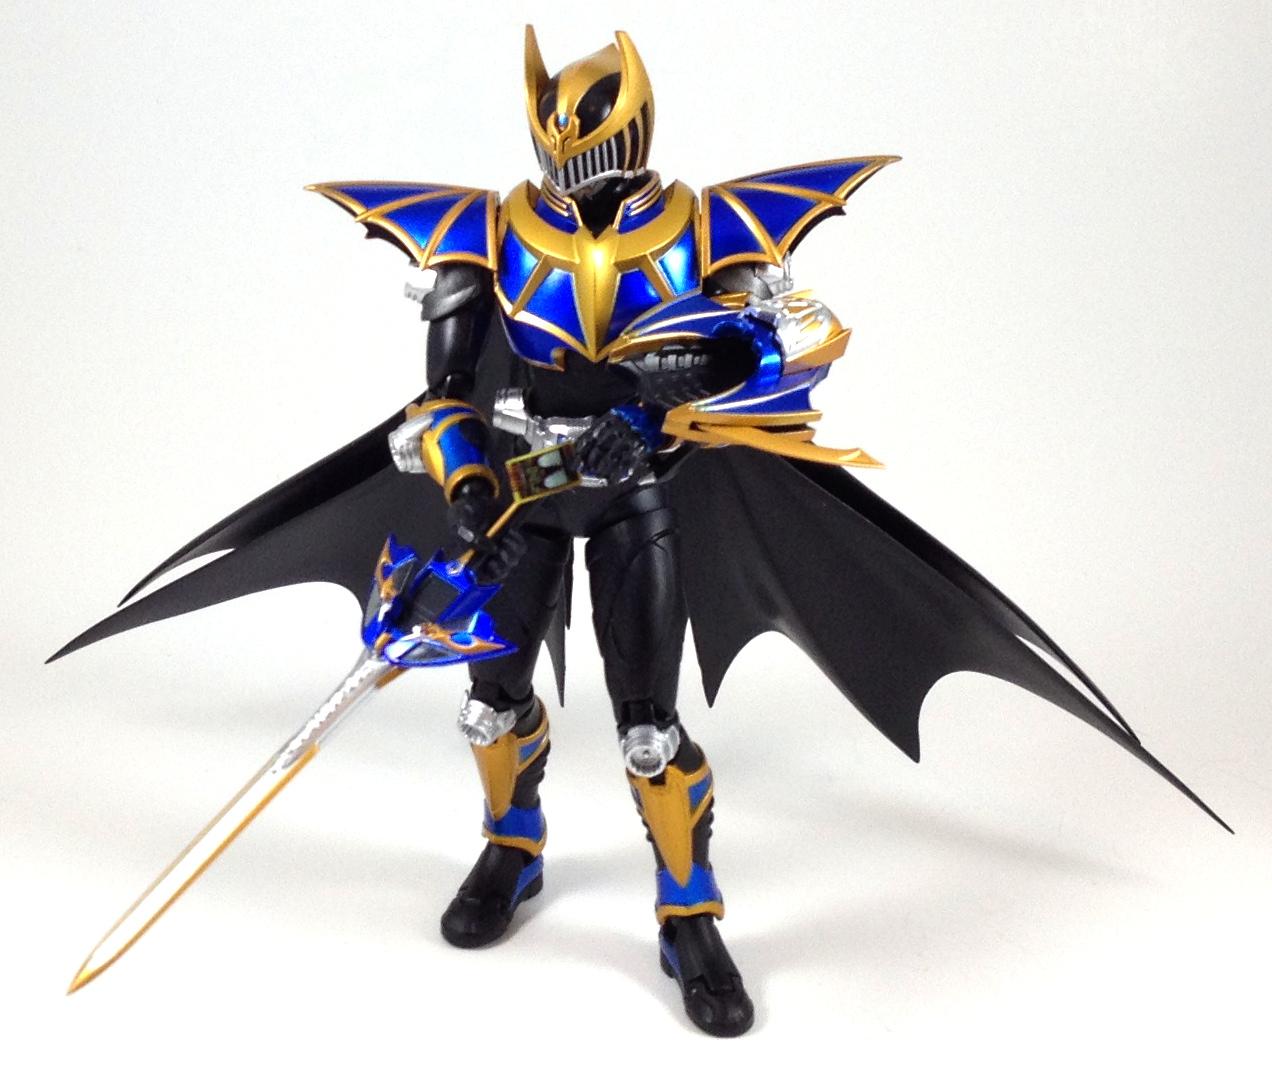 Kamen Rider Ryuki Survive Toys - 4k Wallpapers